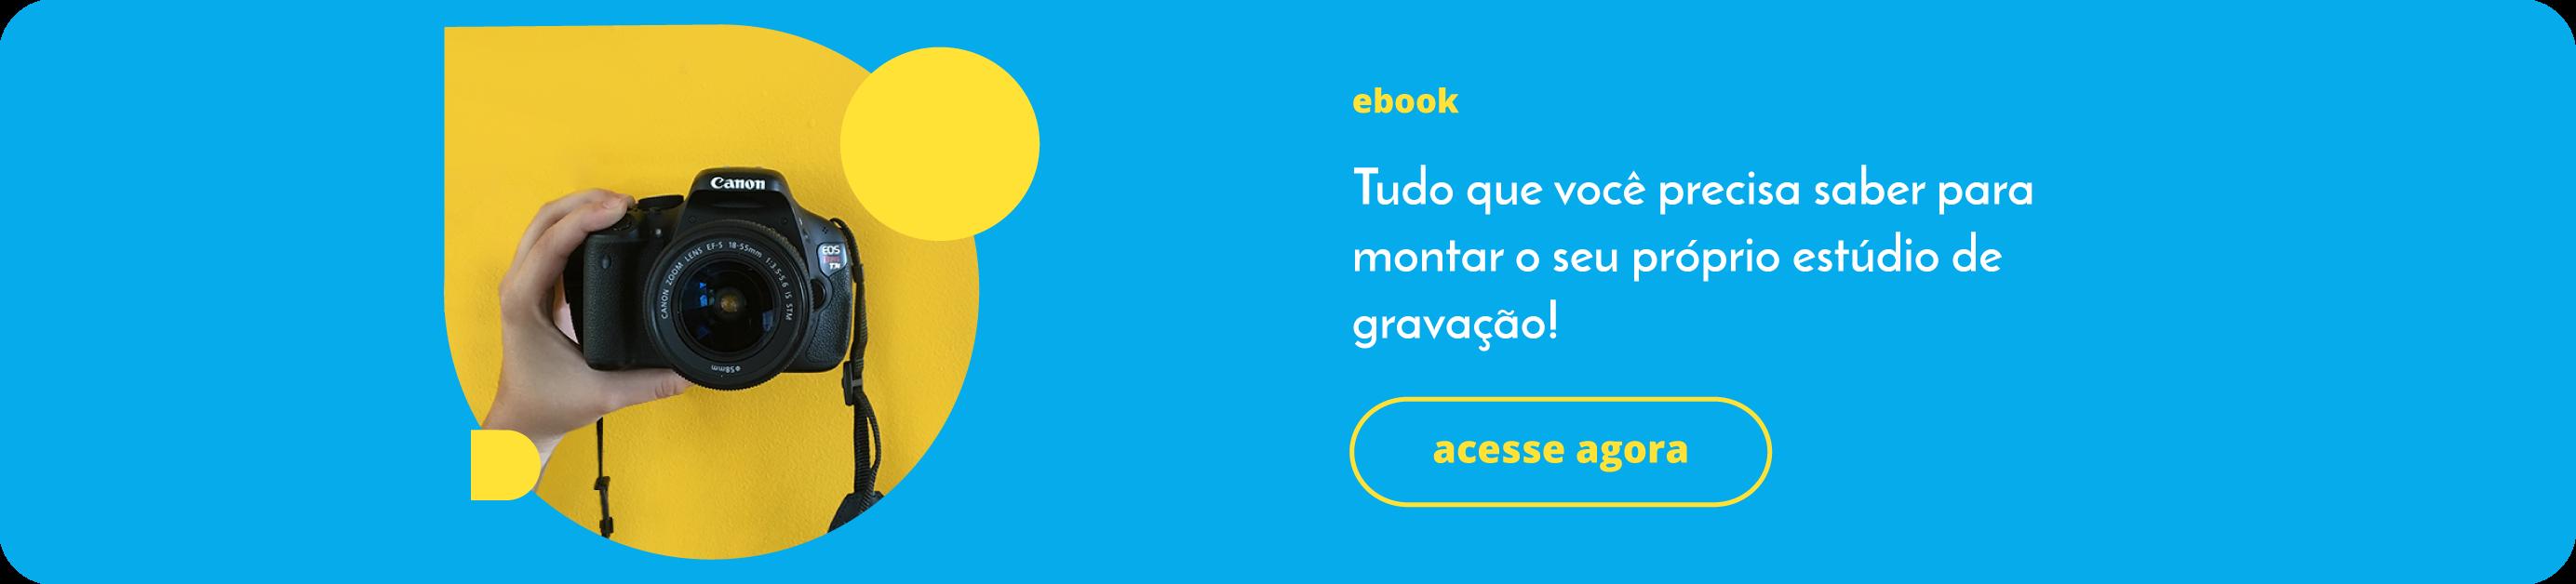 E-book - Montar Estúdio de Gravação - Sambatech